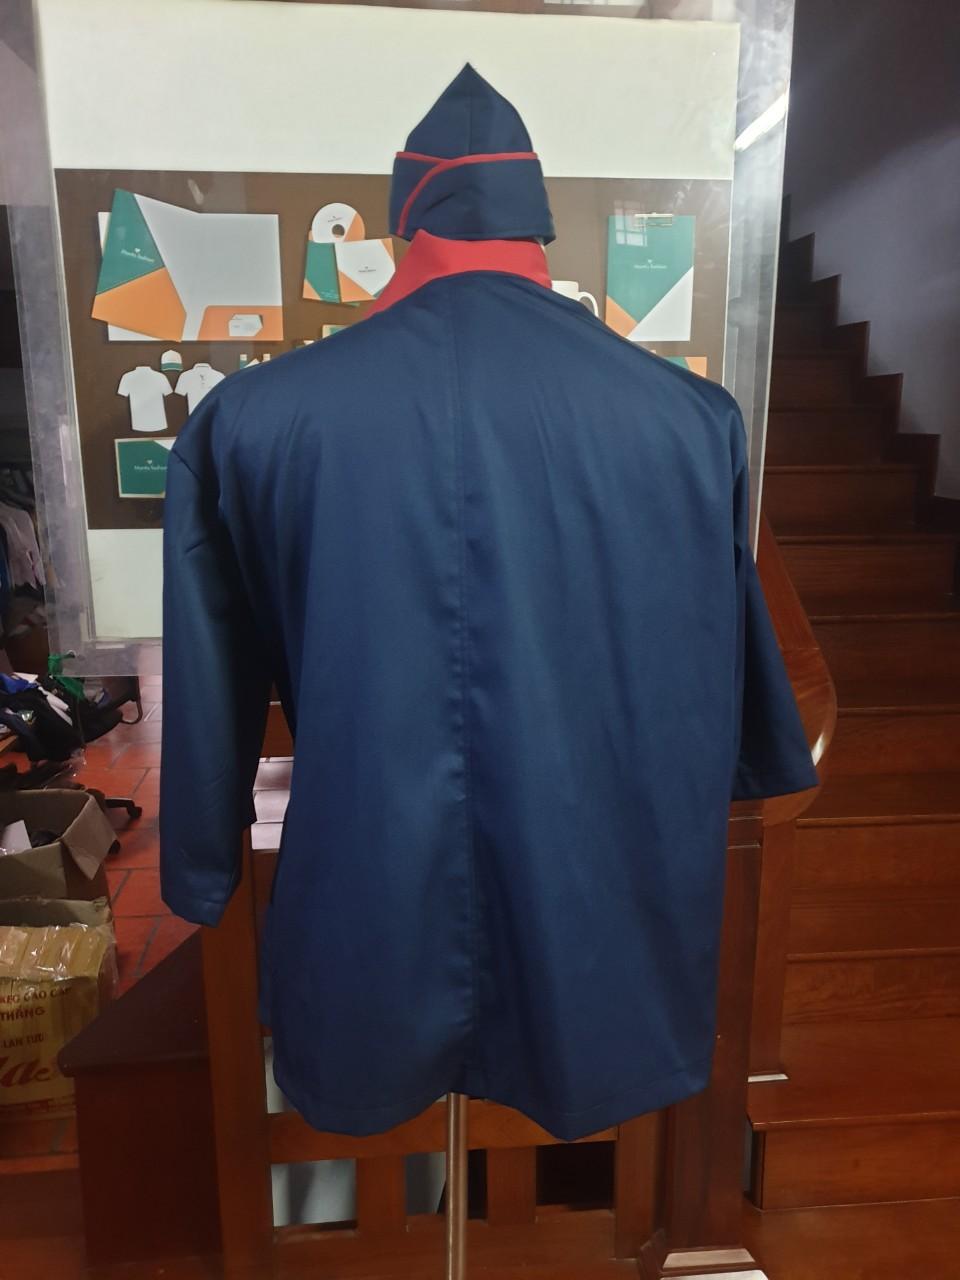 ảnh chụp sau lưng áo bếp nhật xanh đen phối đỏ bán sẵn